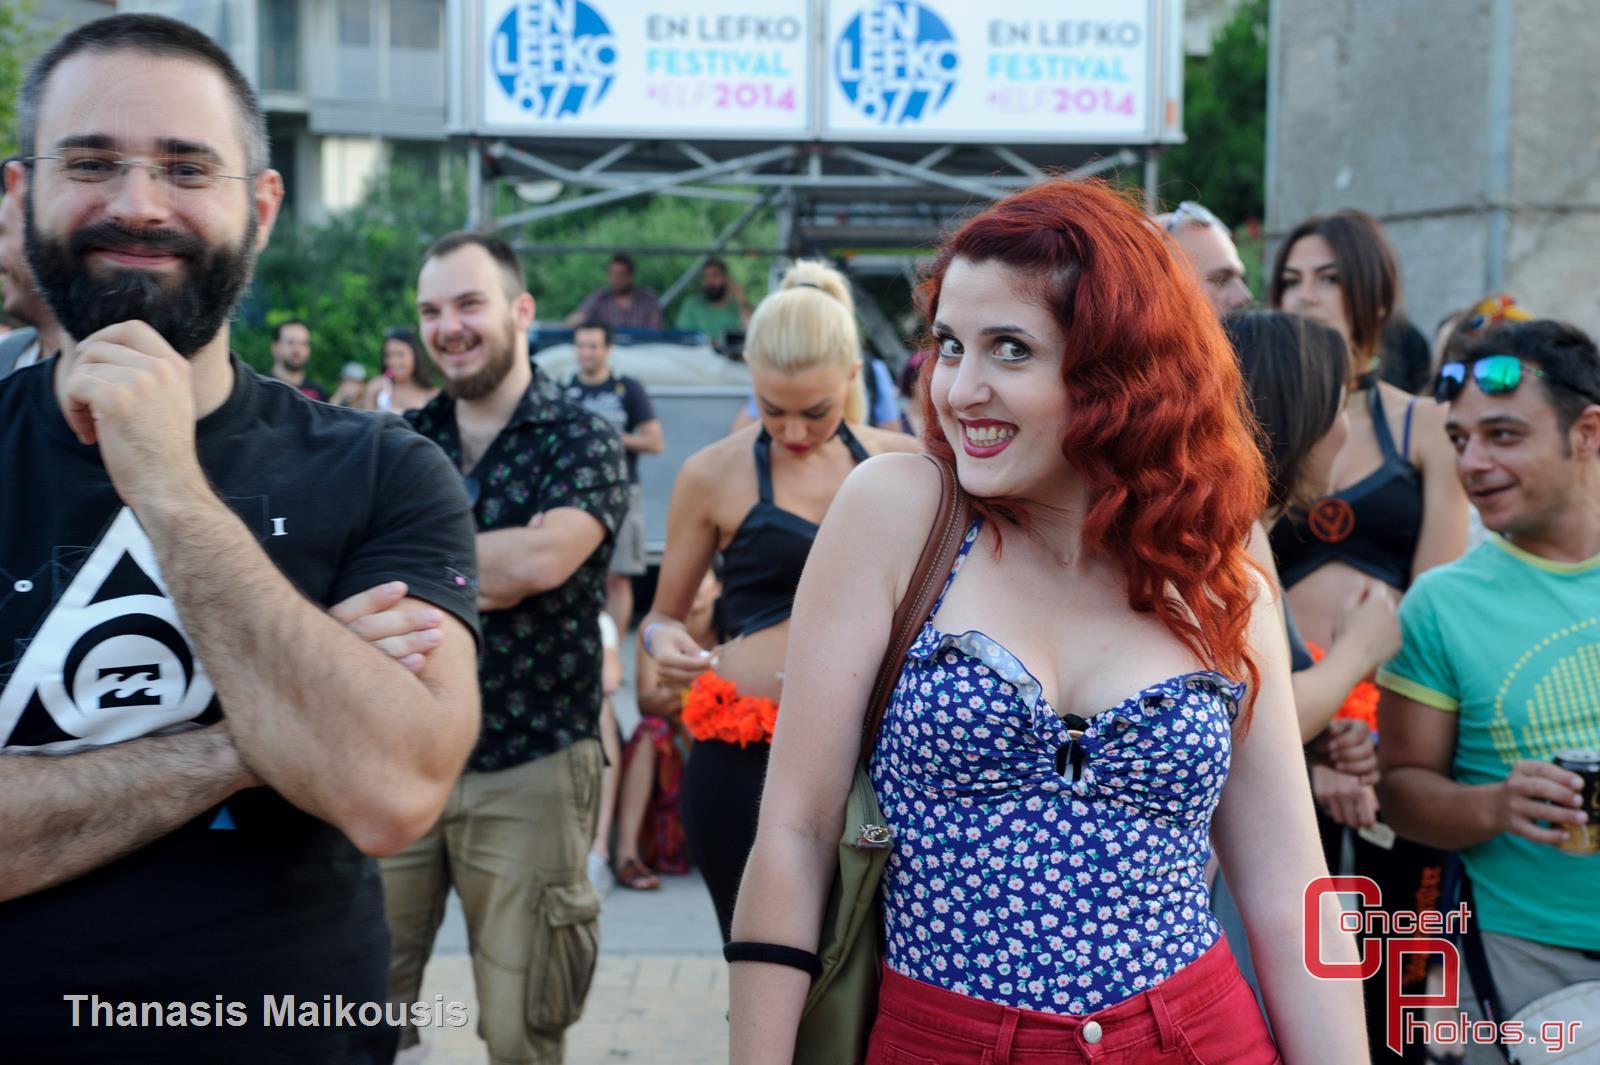 En Lefko 2014-En Lefko 2014 photographer: Thanasis Maikousis - concertphotos_20140621_20_31_53